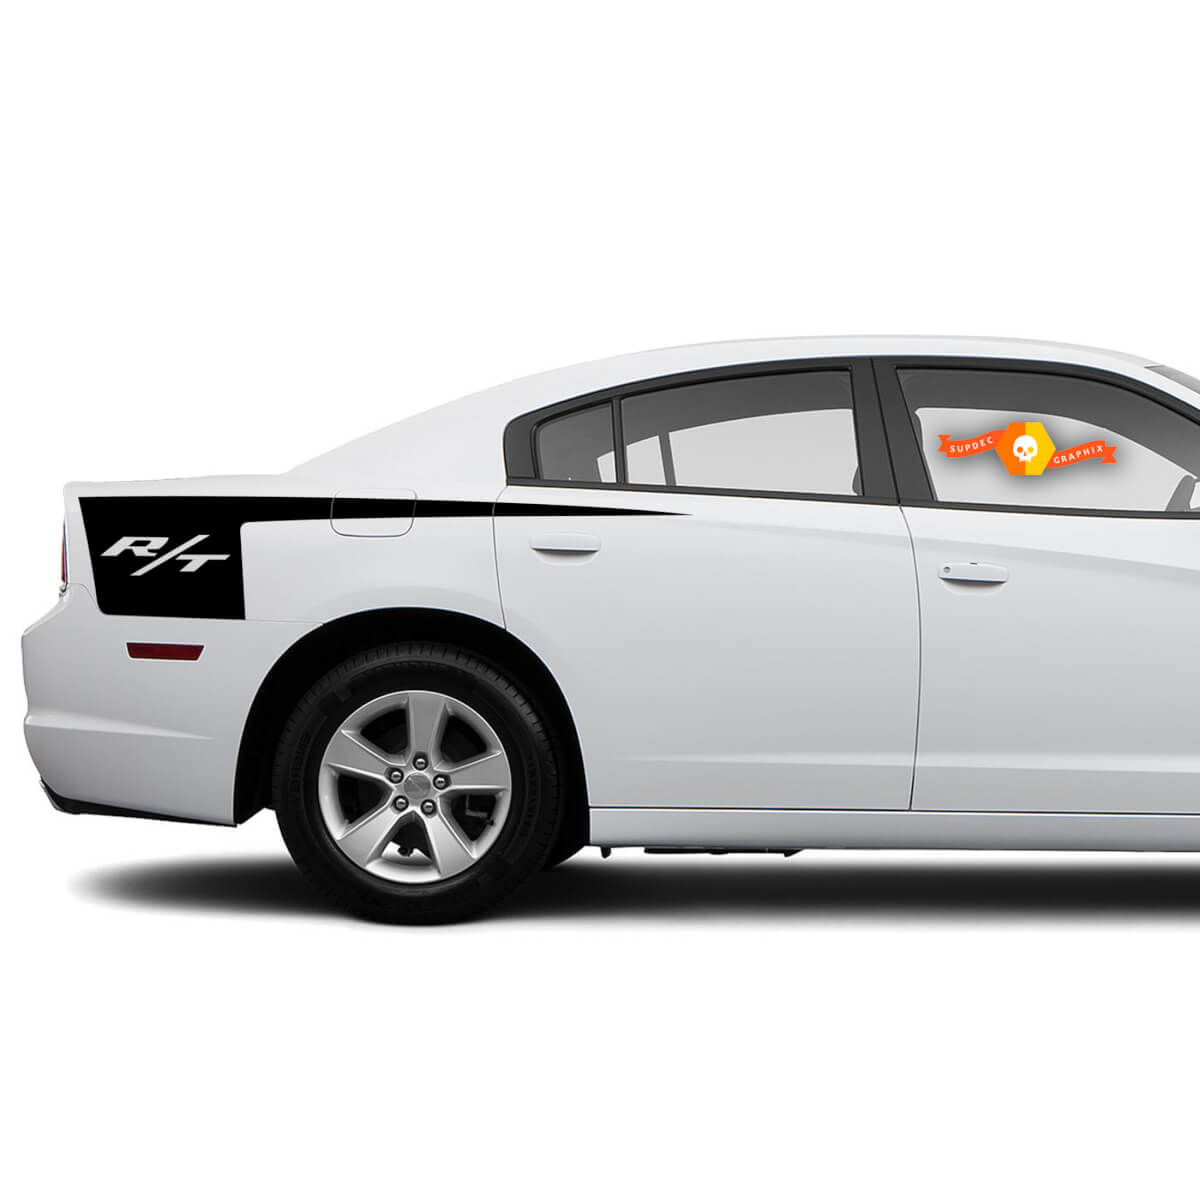 Dodge Charger R / T Seite Beil Streifen Aufkleber Aufkleber Grafiken passt zu Modellen 2011-2014